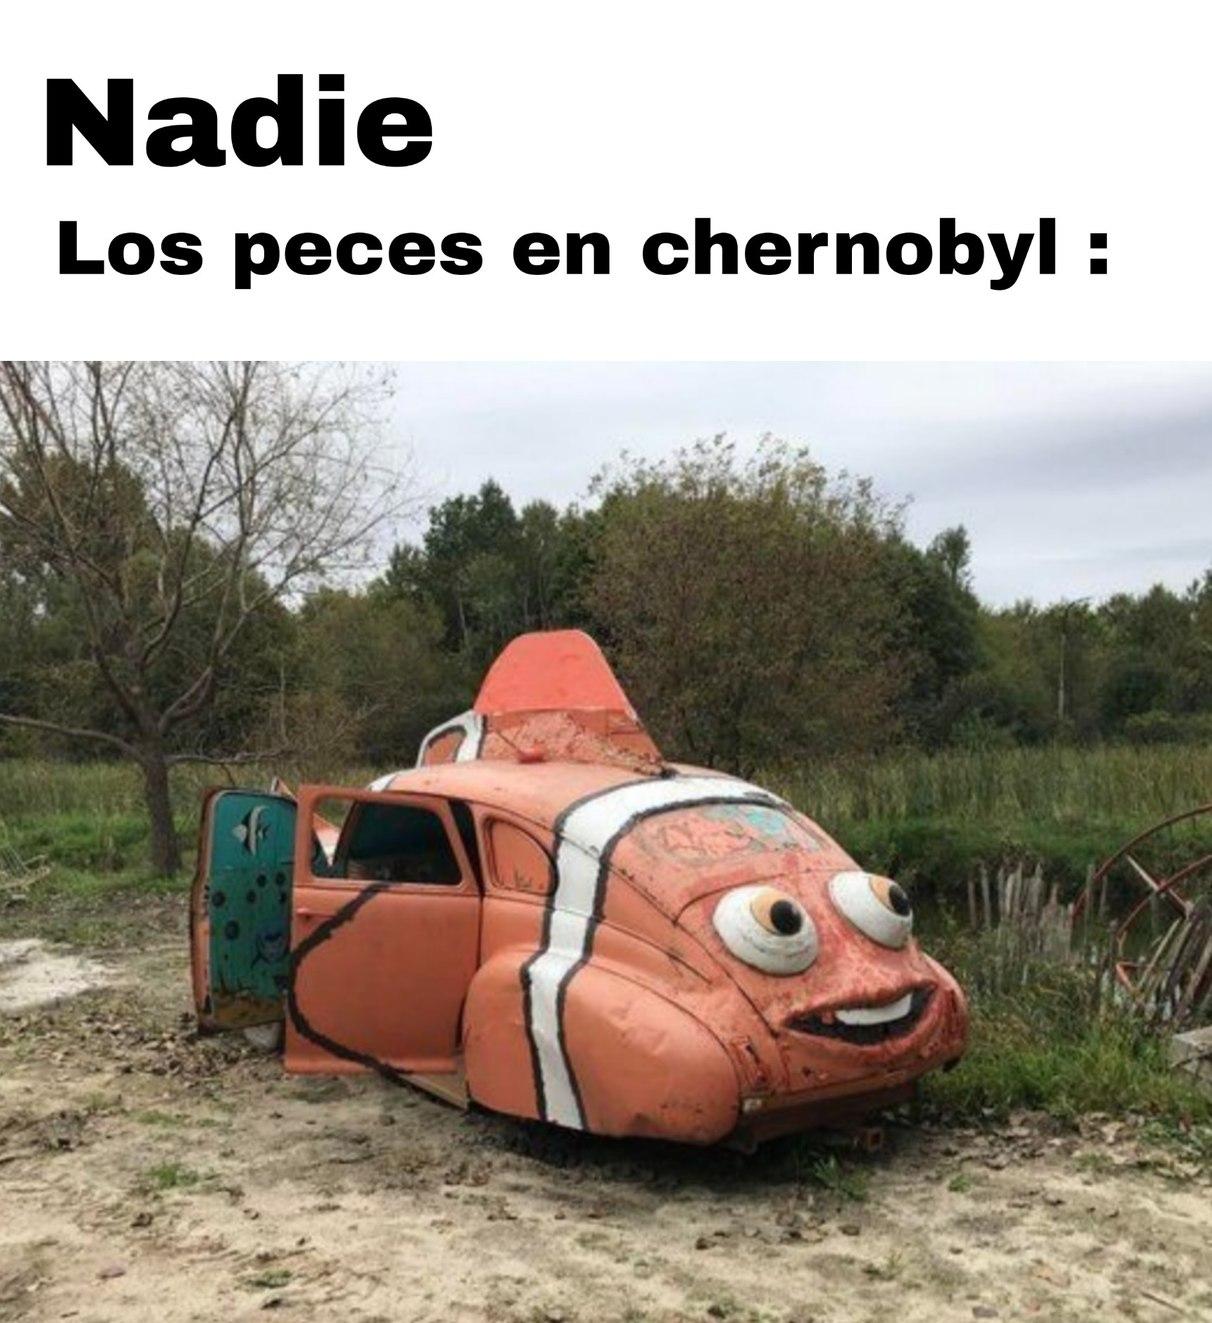 Mientras em chernobyl - meme